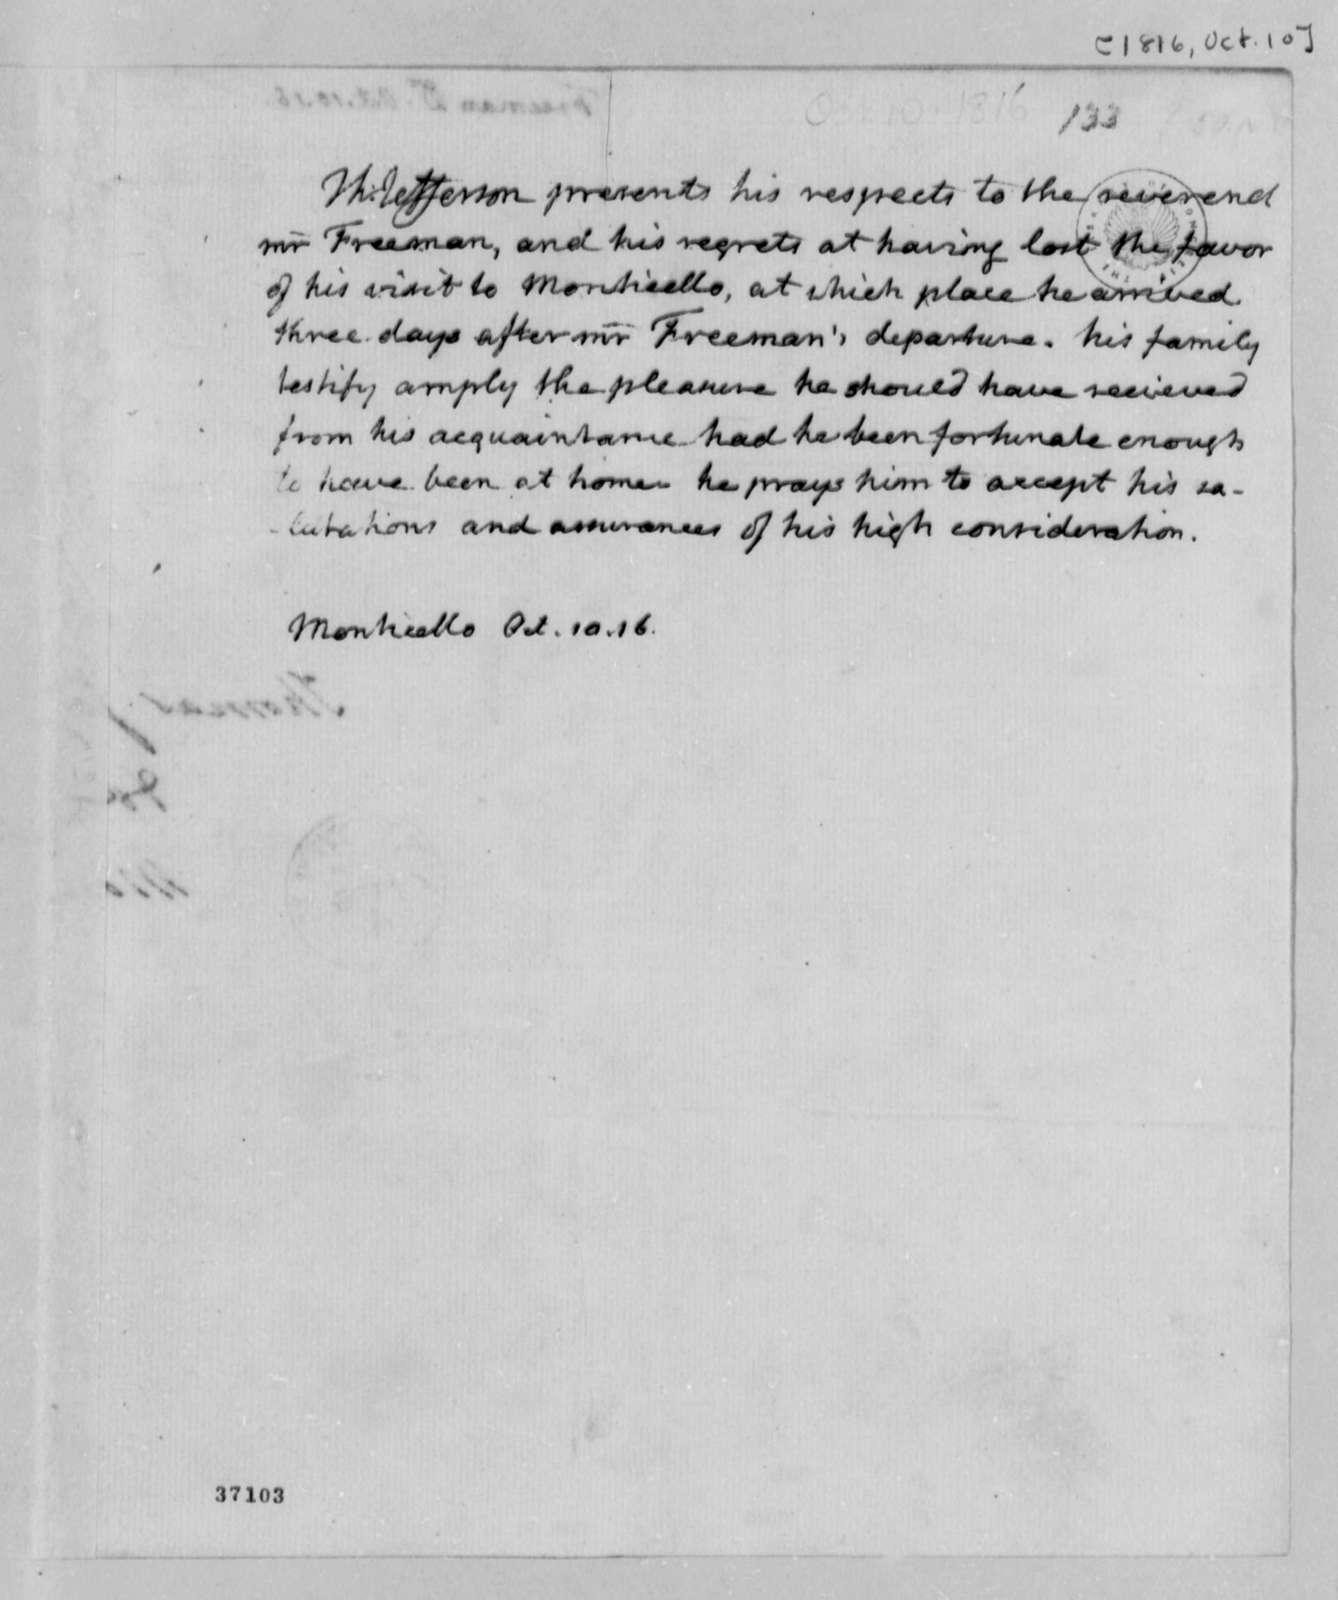 Thomas Jefferson to James Freeman, October 10, 1816